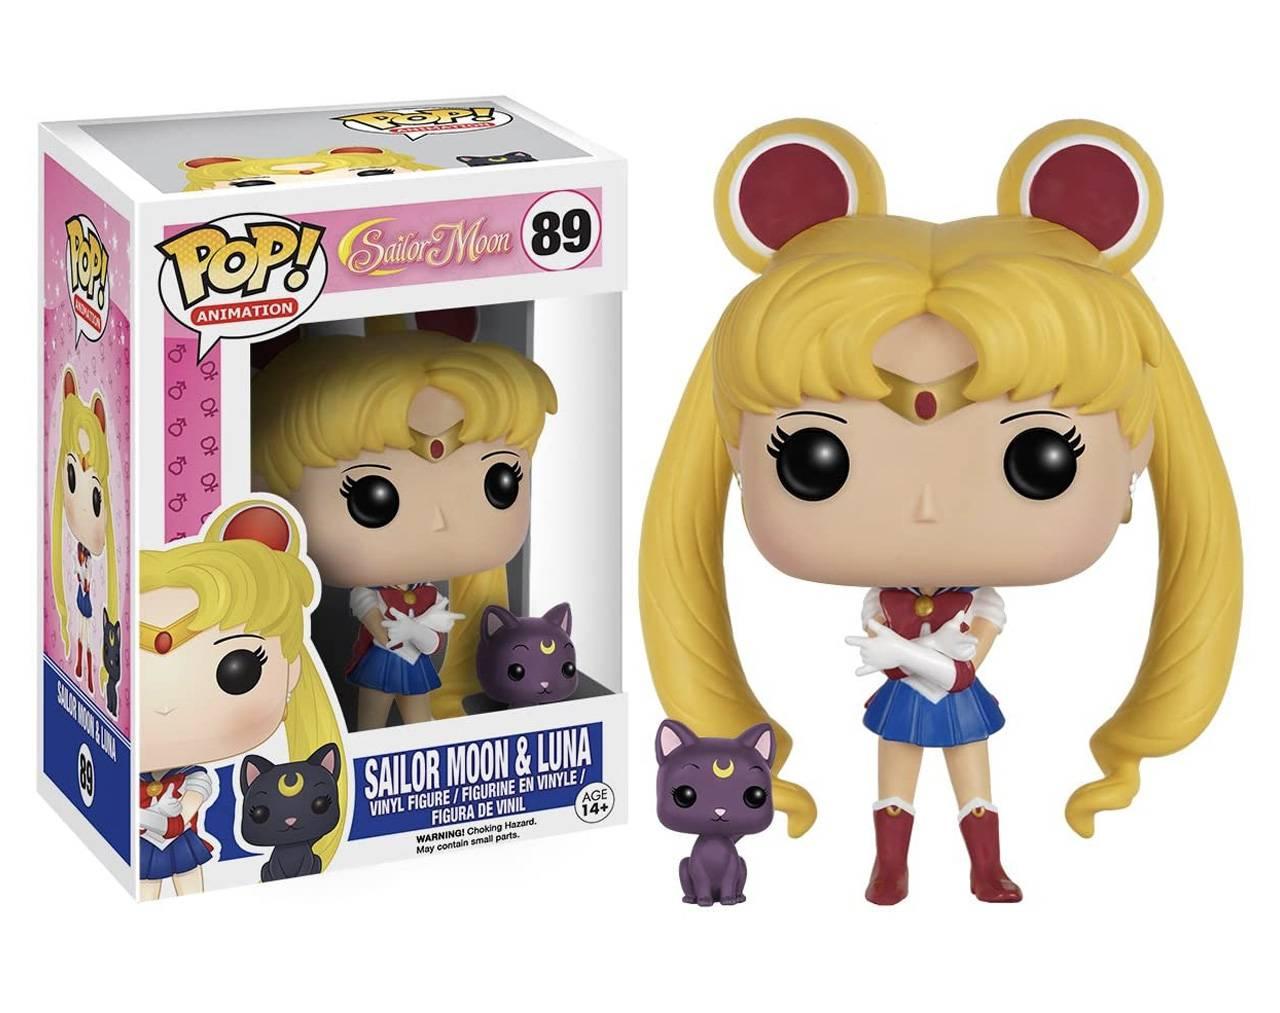 Sailor Moon and Luna Pop! Vinyl